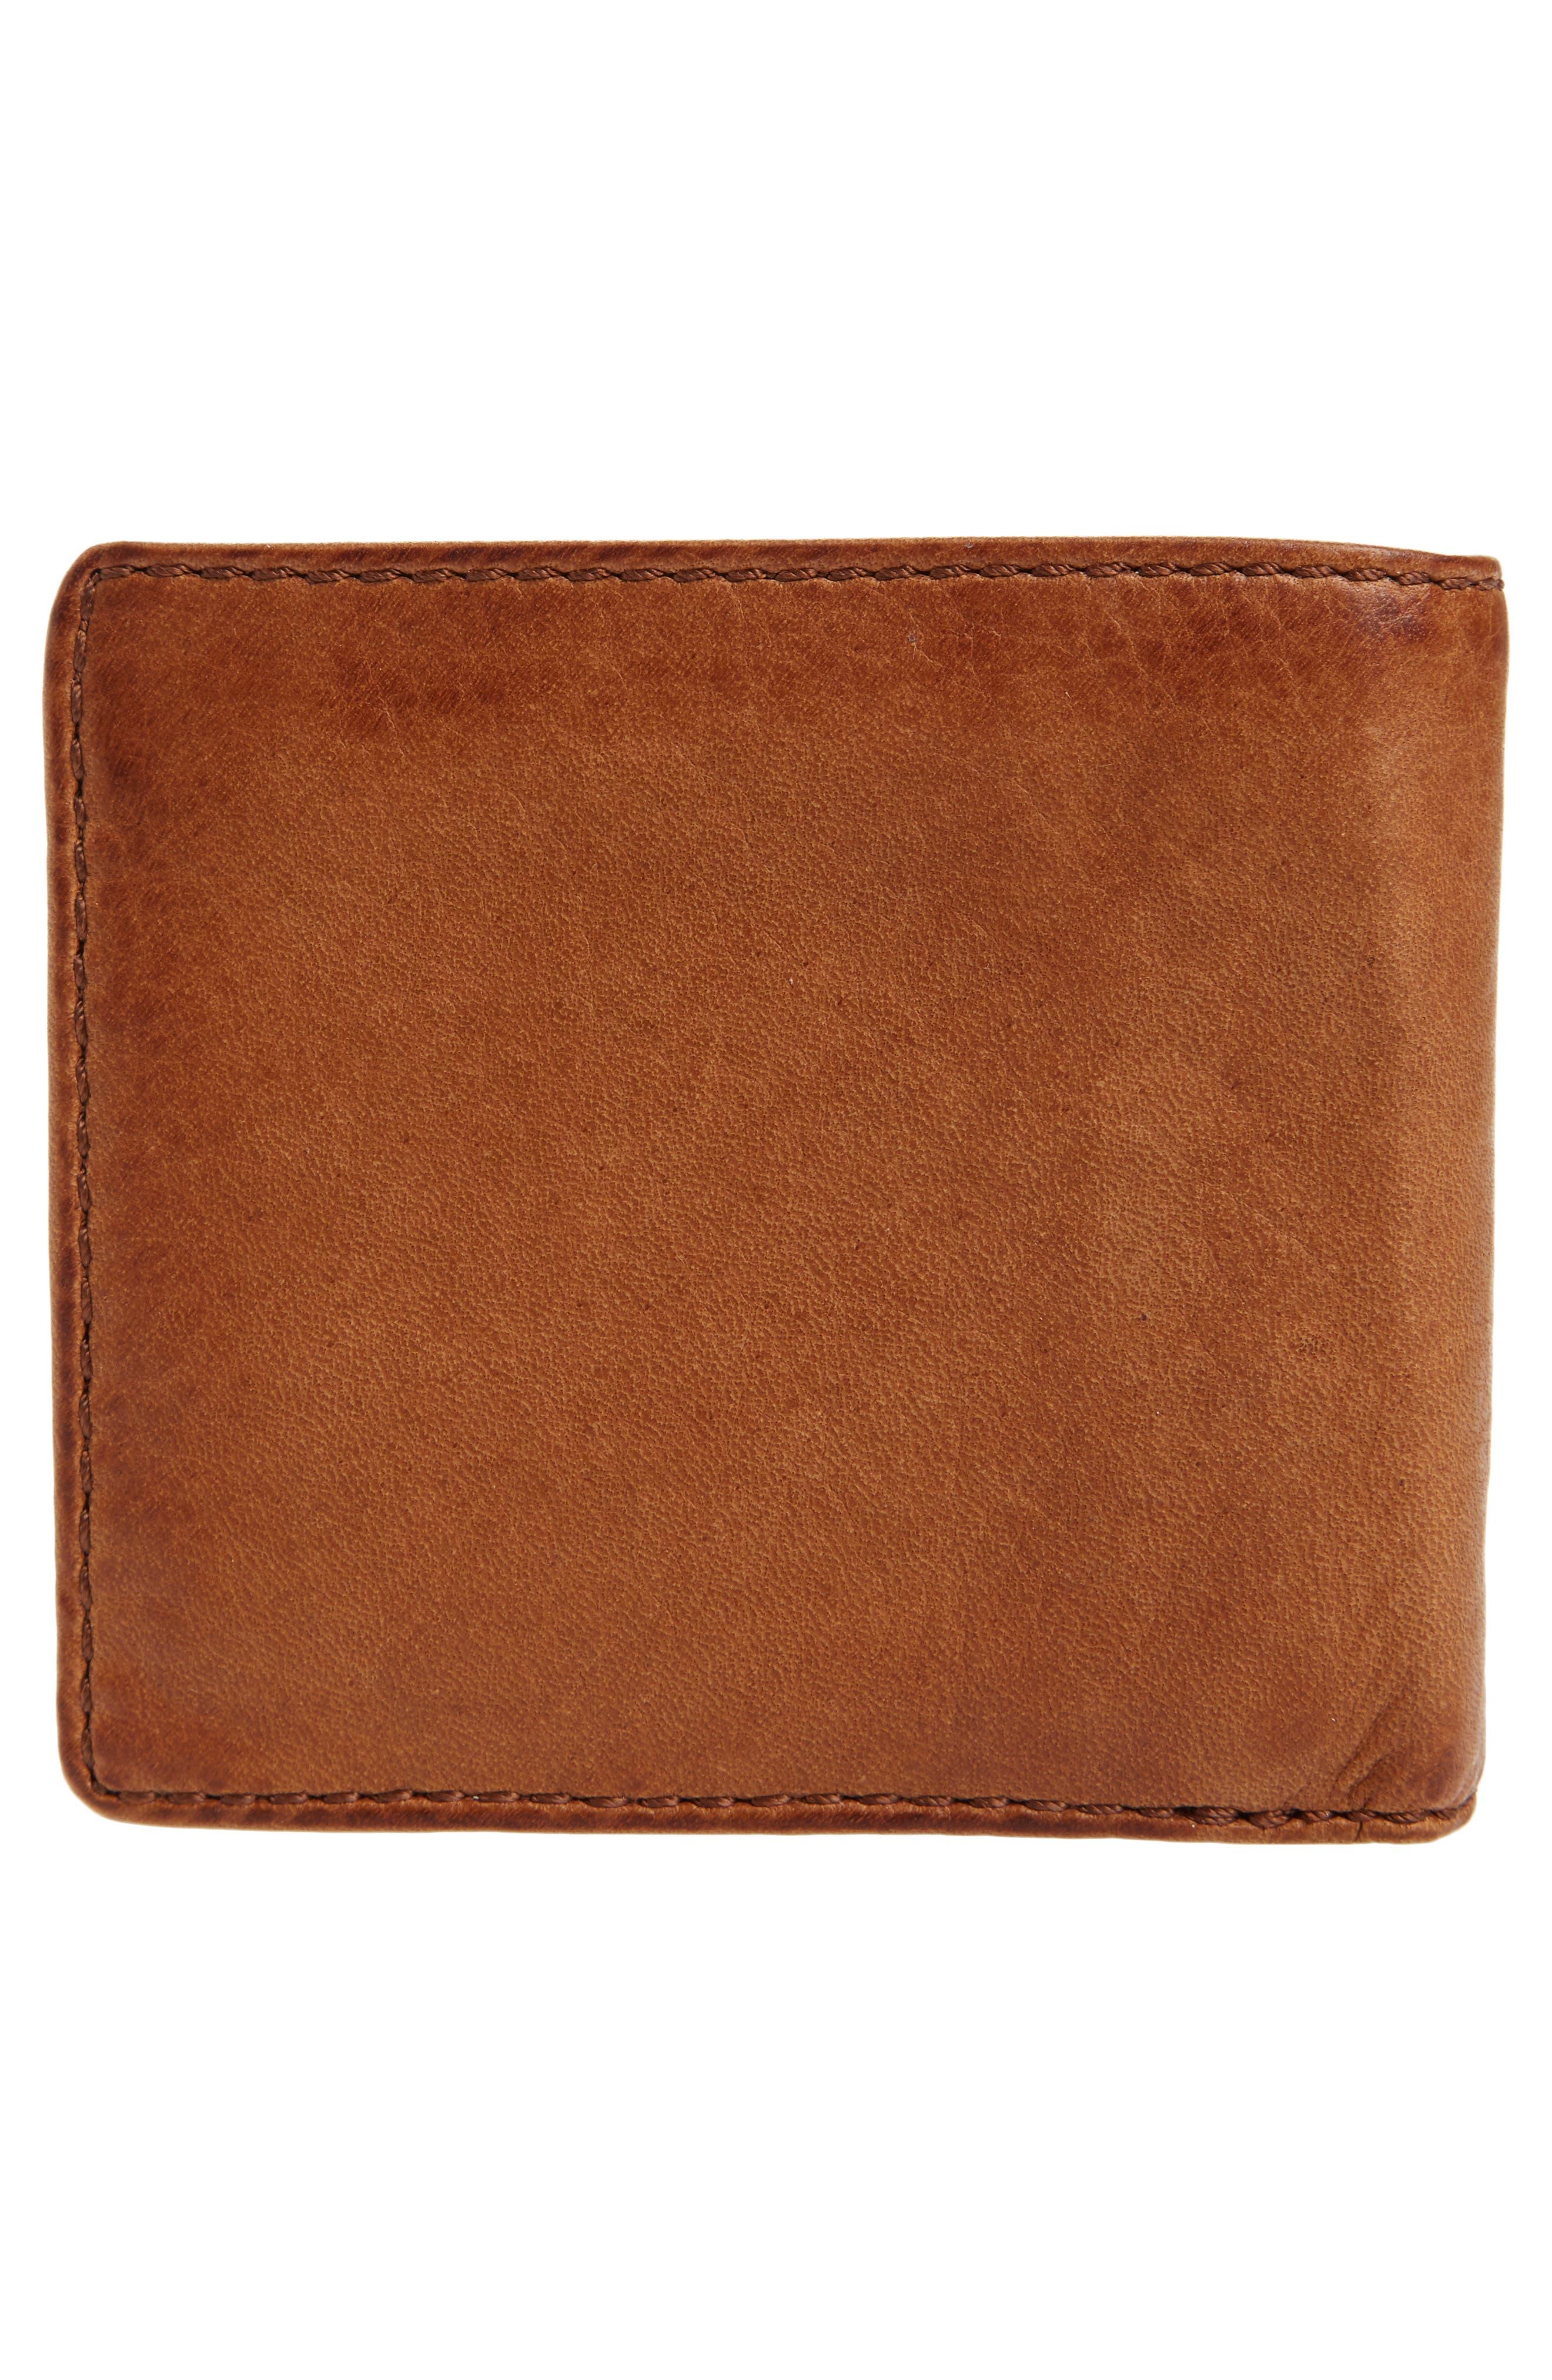 Alternate Image 3  - Frye Oliver Leather Wallet